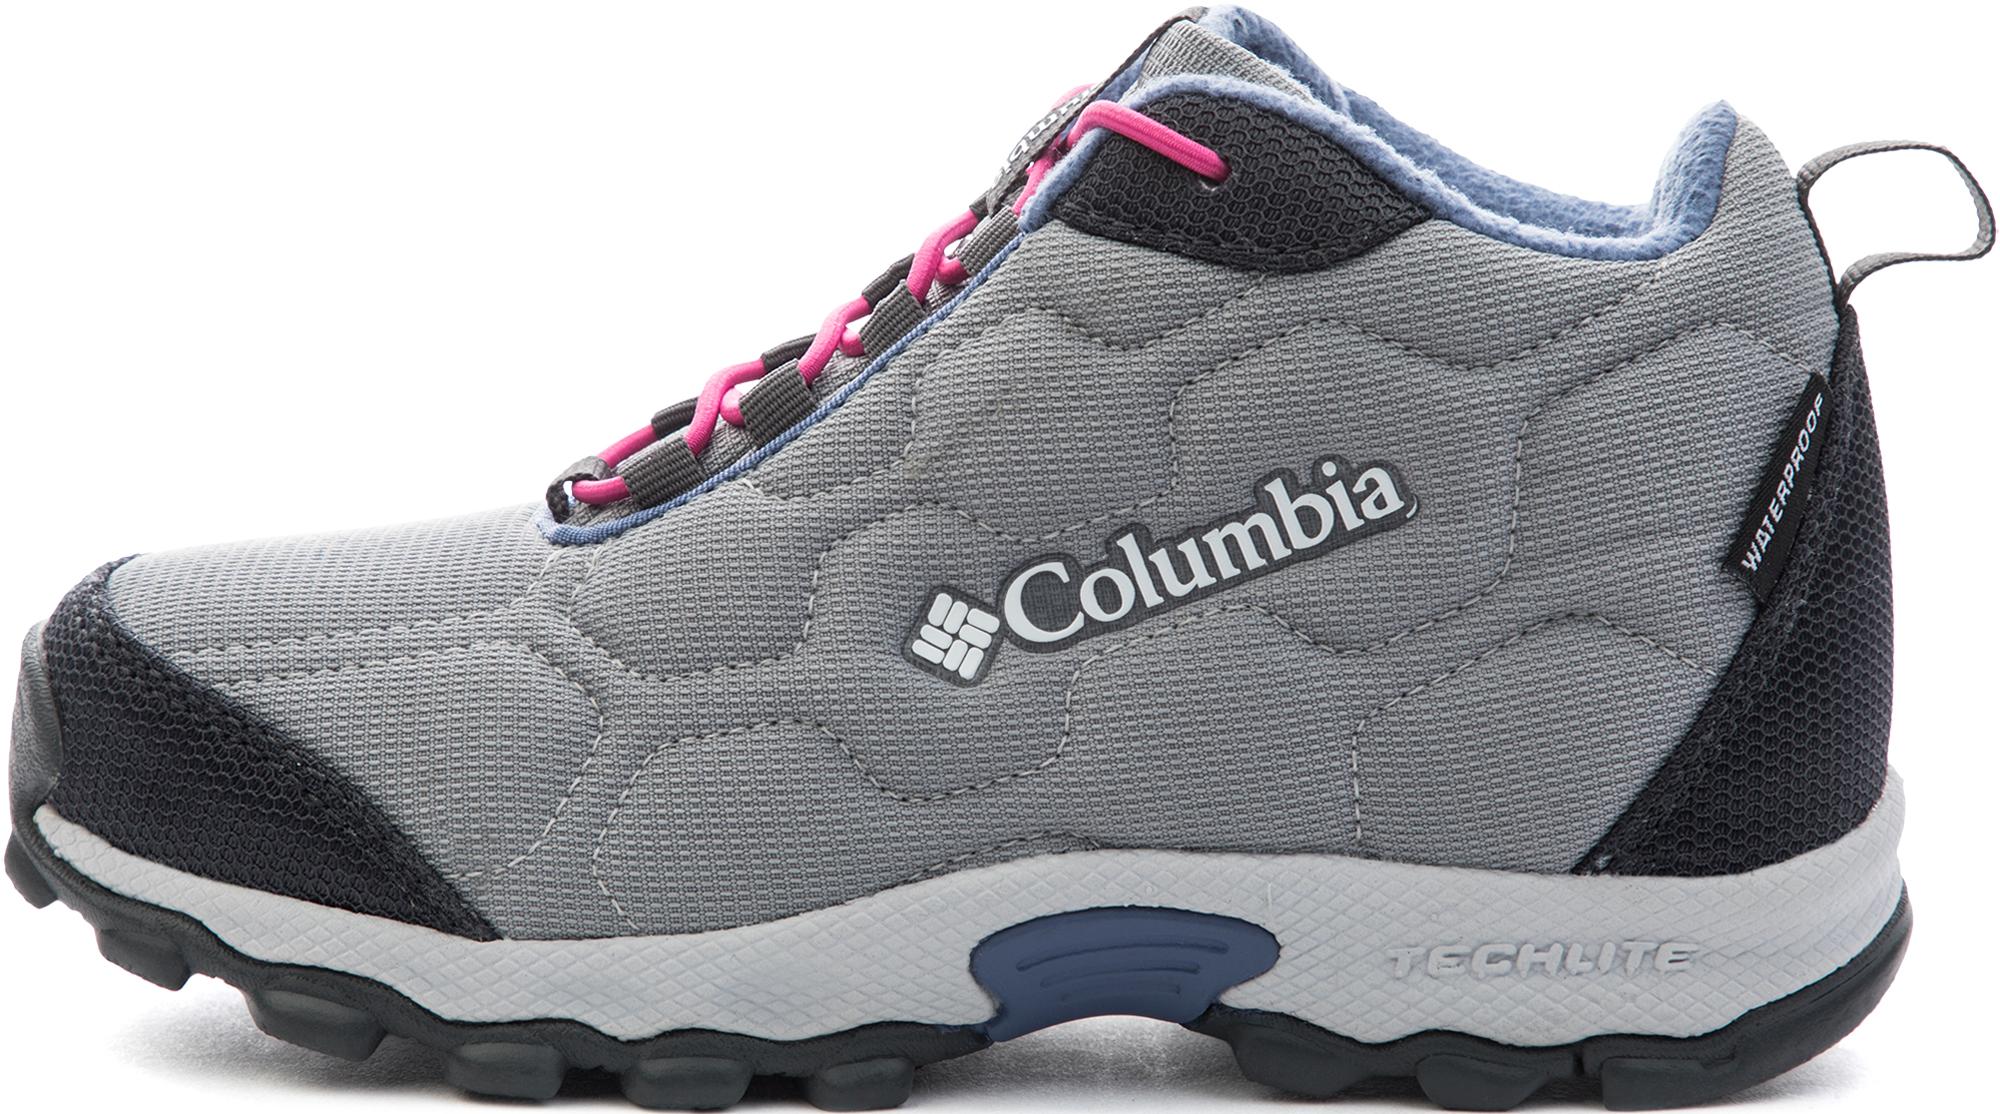 Columbia Ботинки утепленные для девочек Columbia Youth Firecamp 2, размер 37.5 columbia ботинки утепленные мужские columbia firecamp размер 43